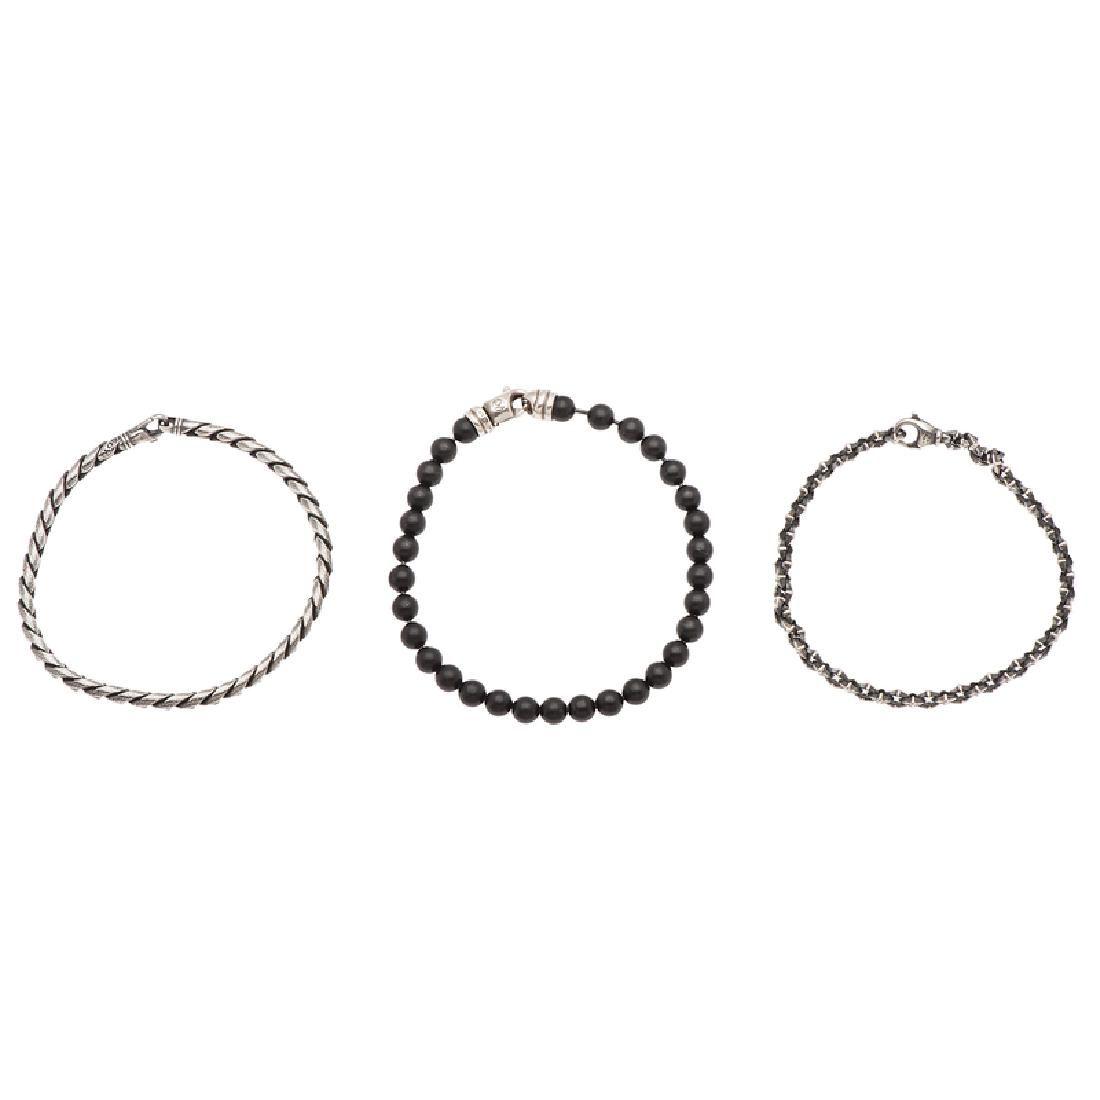 David Yurman Bracelets in Sterling Silver